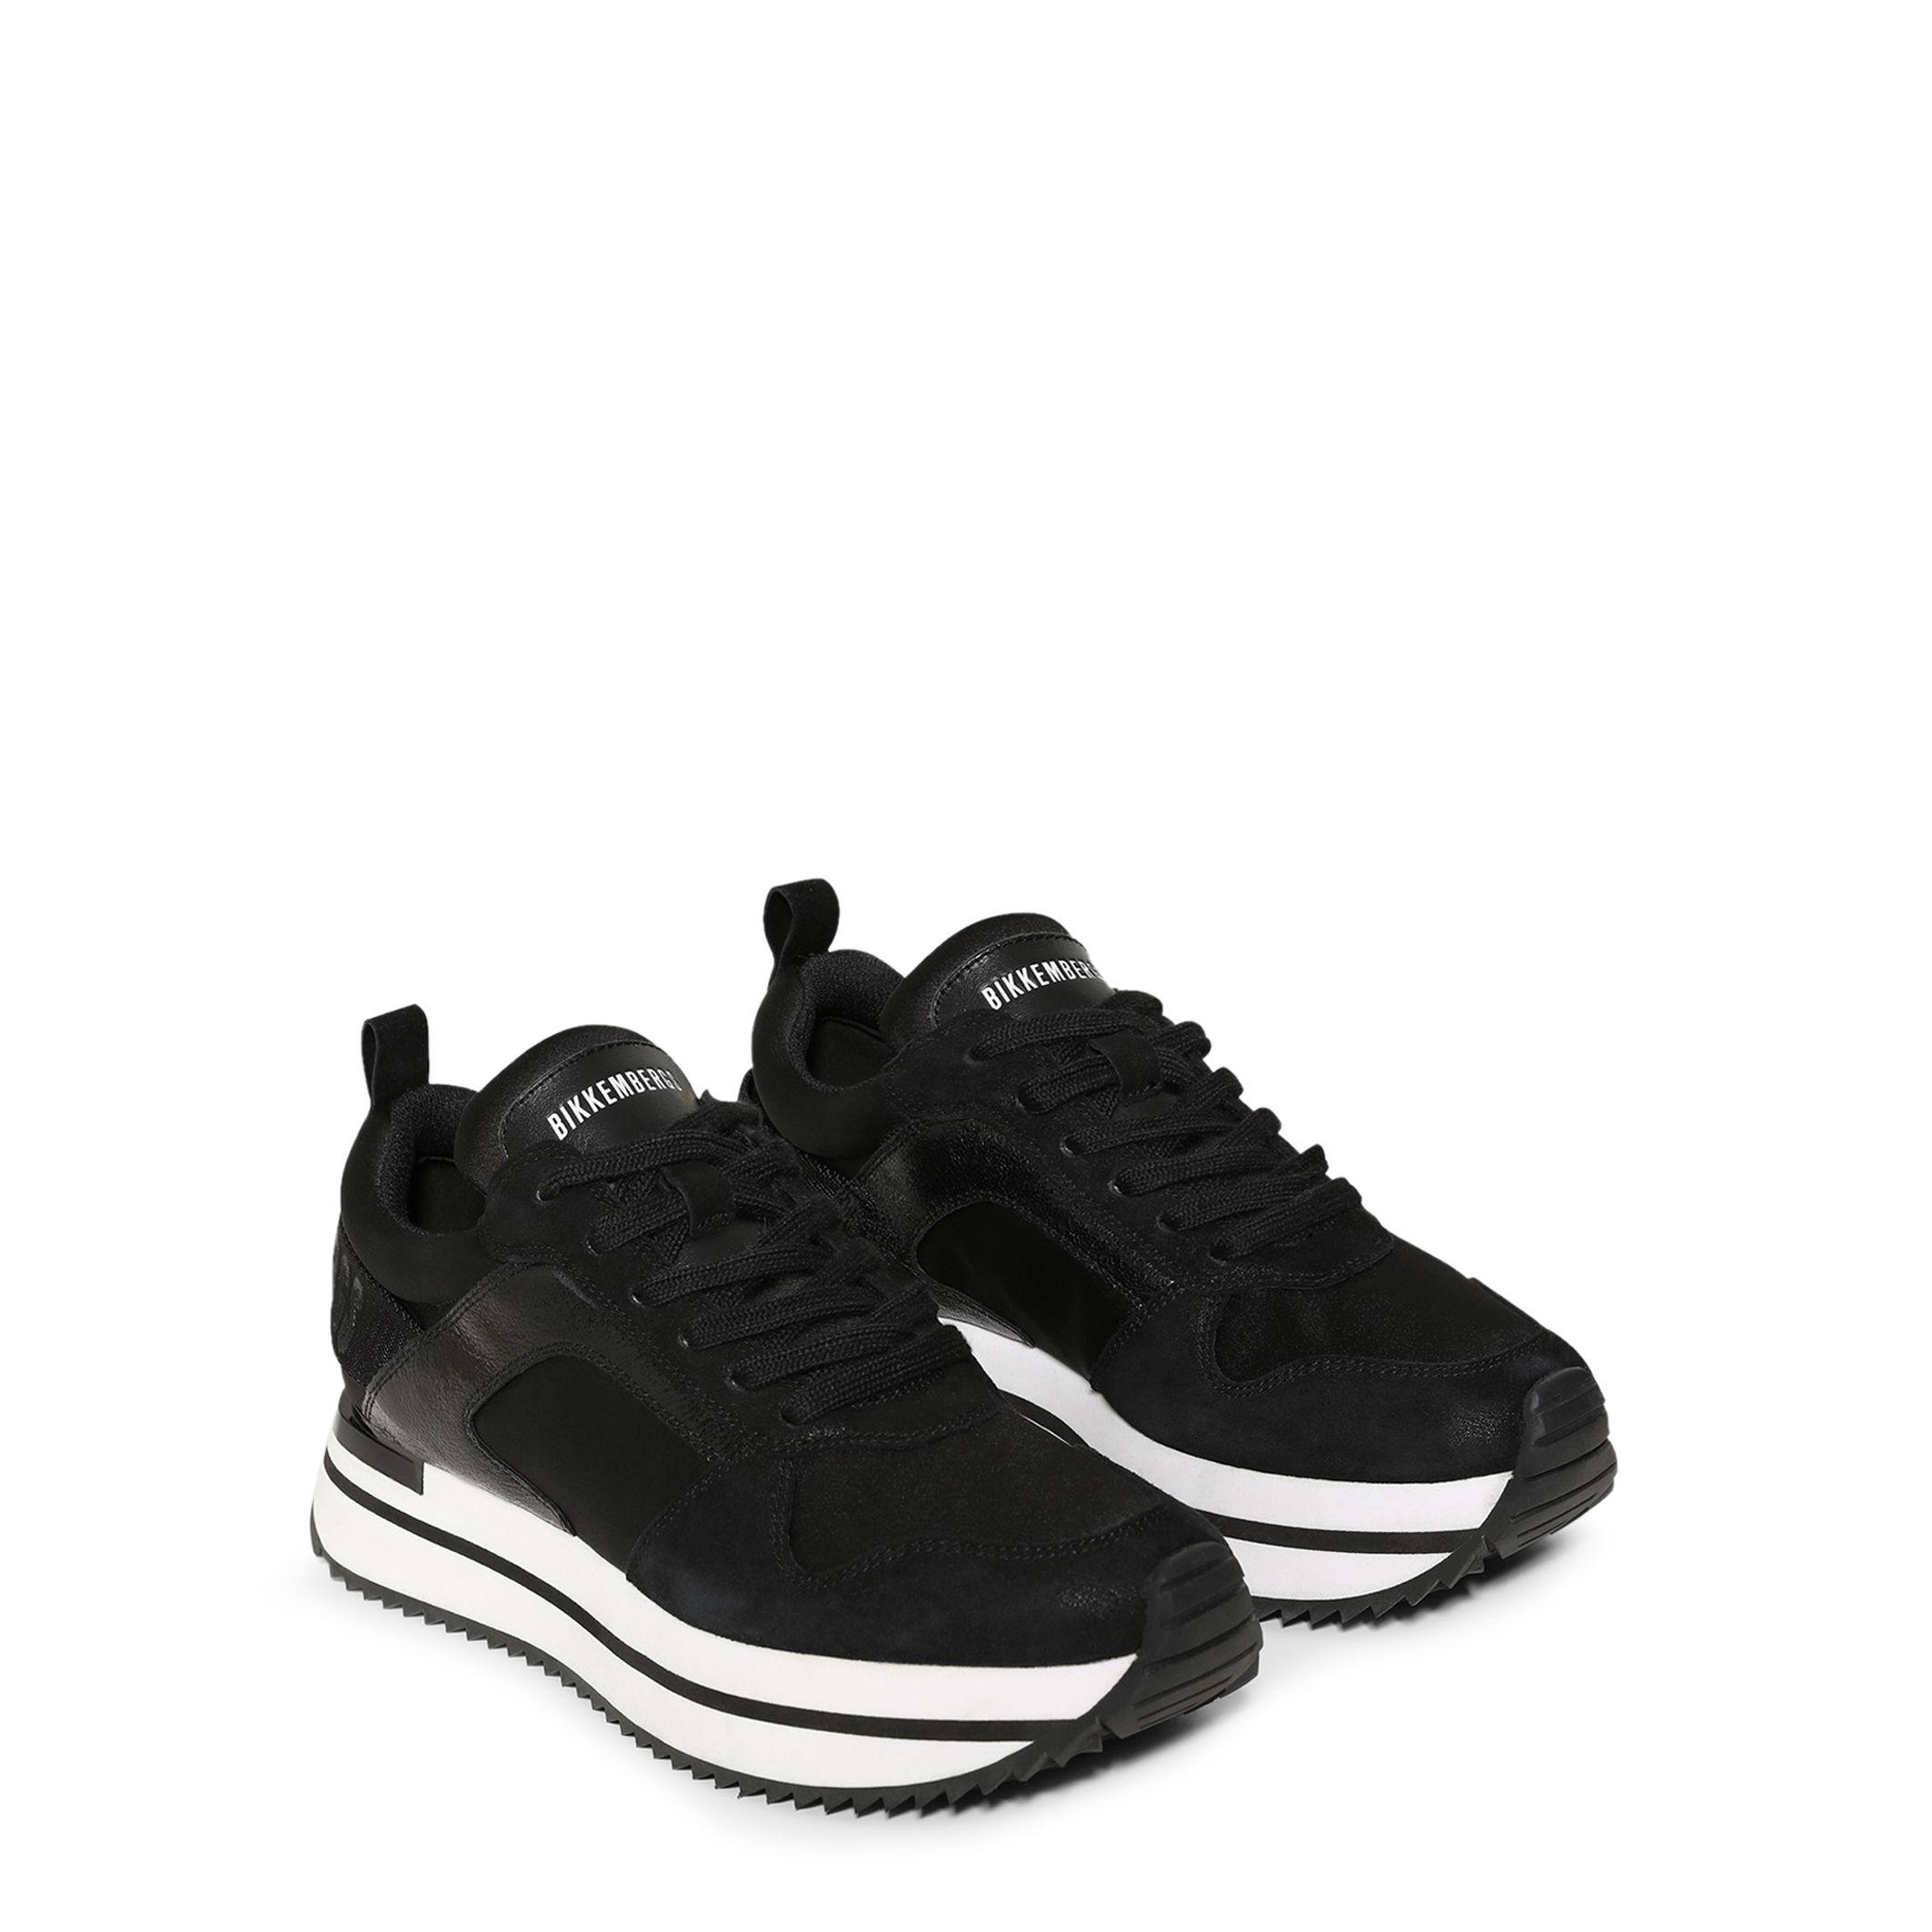 Schuhe Bikkembergs – B4BKW0057